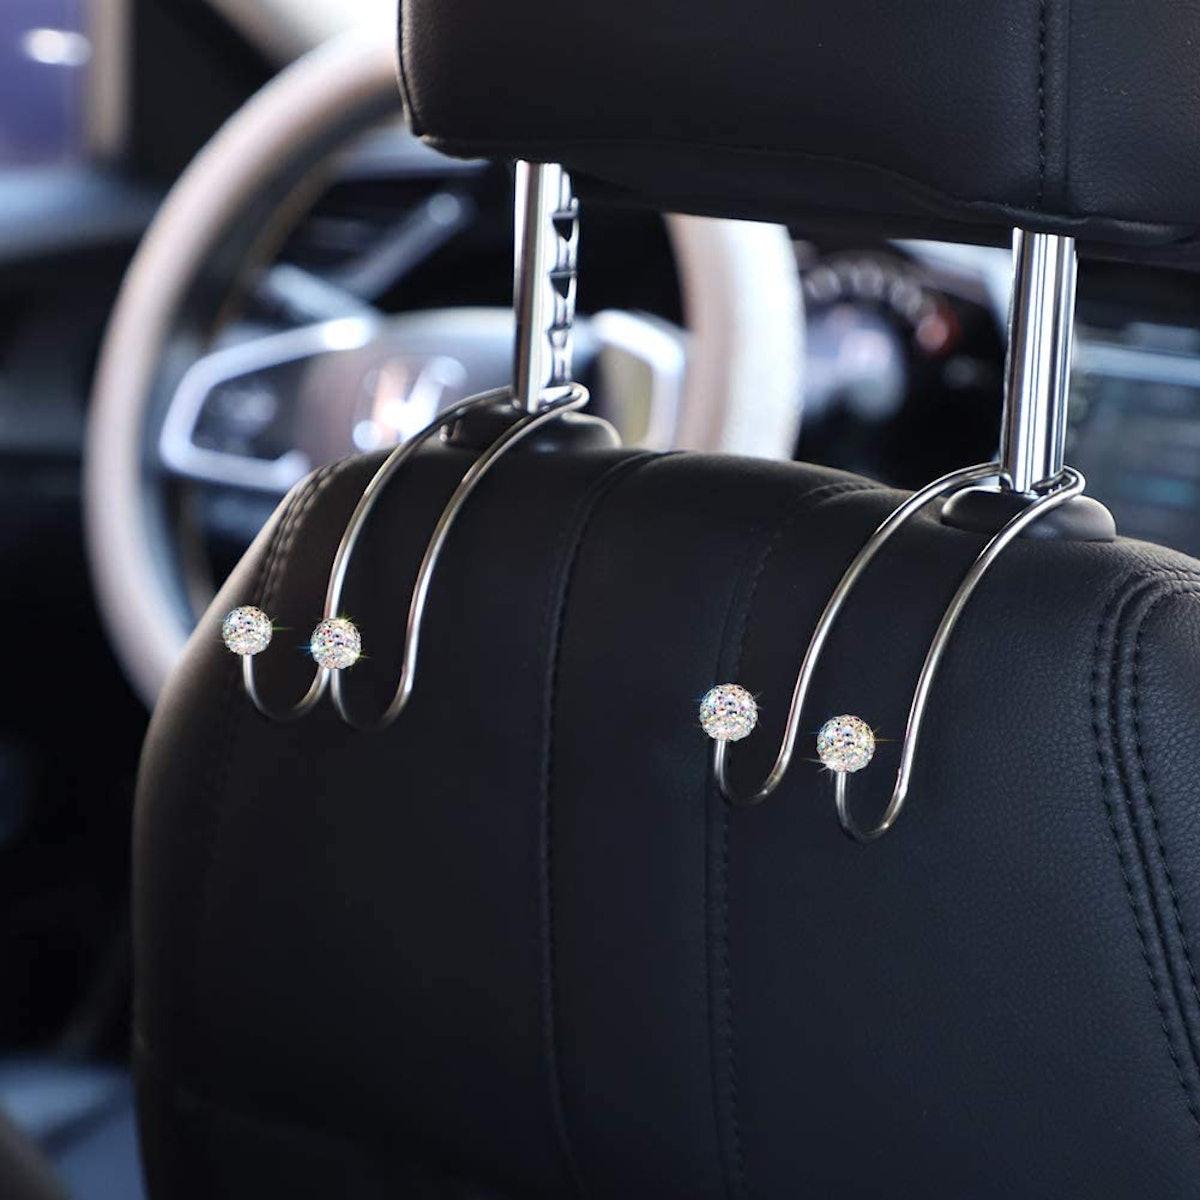 SAVORI Car Hangers (4-Pack)